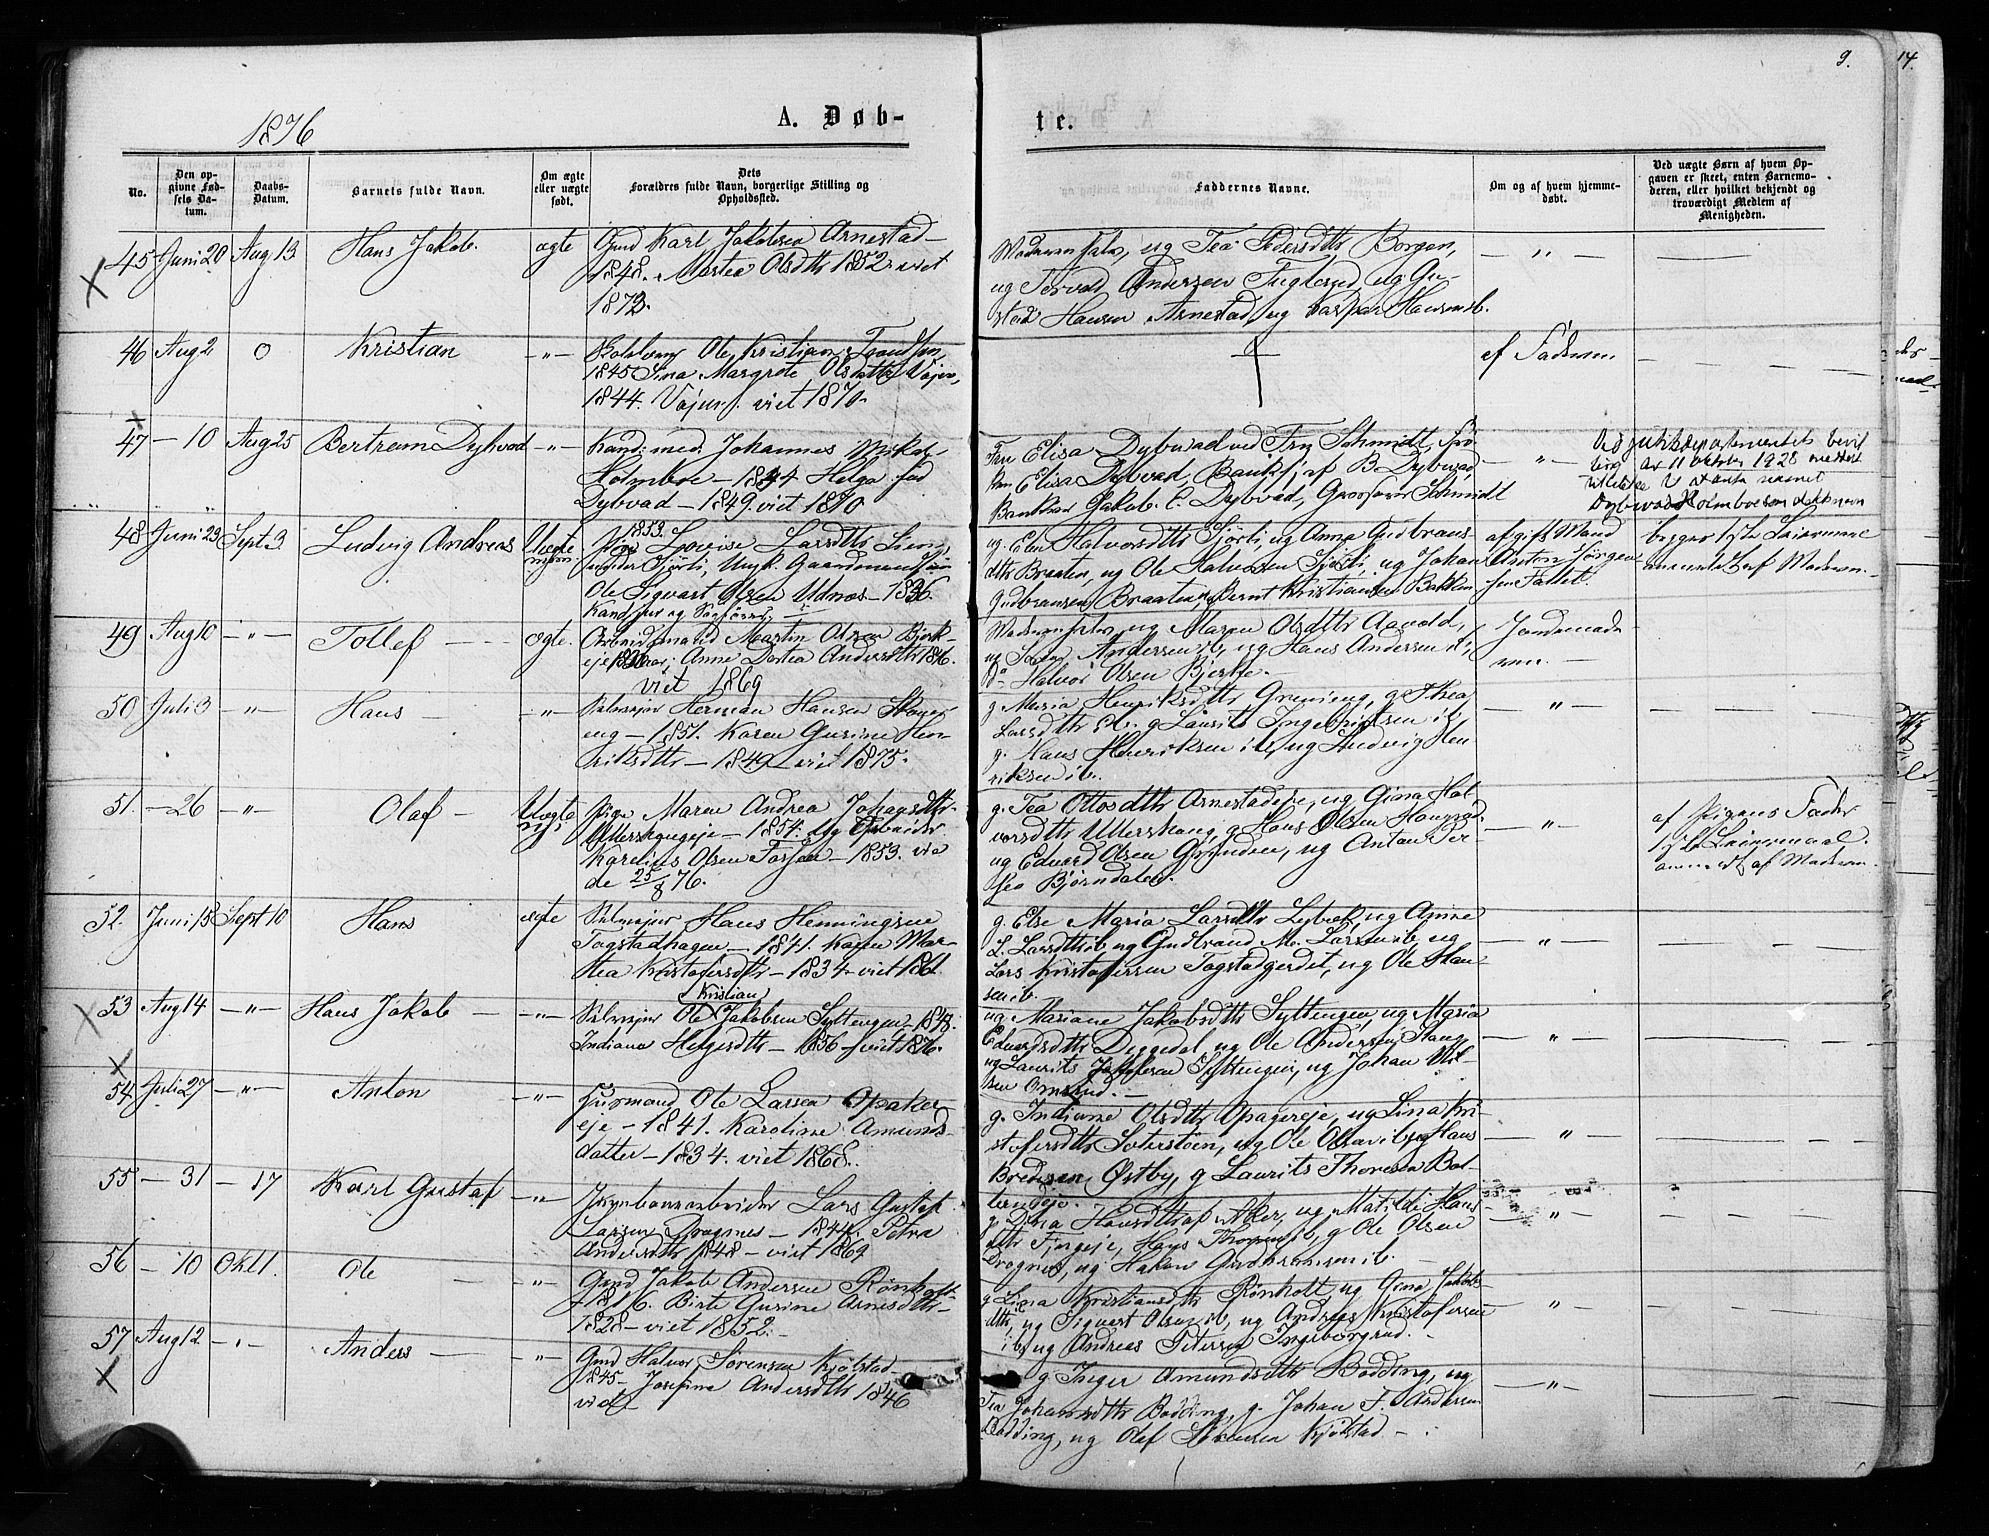 SAO, Nes prestekontor Kirkebøker, F/Fa/L0009: Ministerialbok nr. I 9, 1875-1882, s. 9